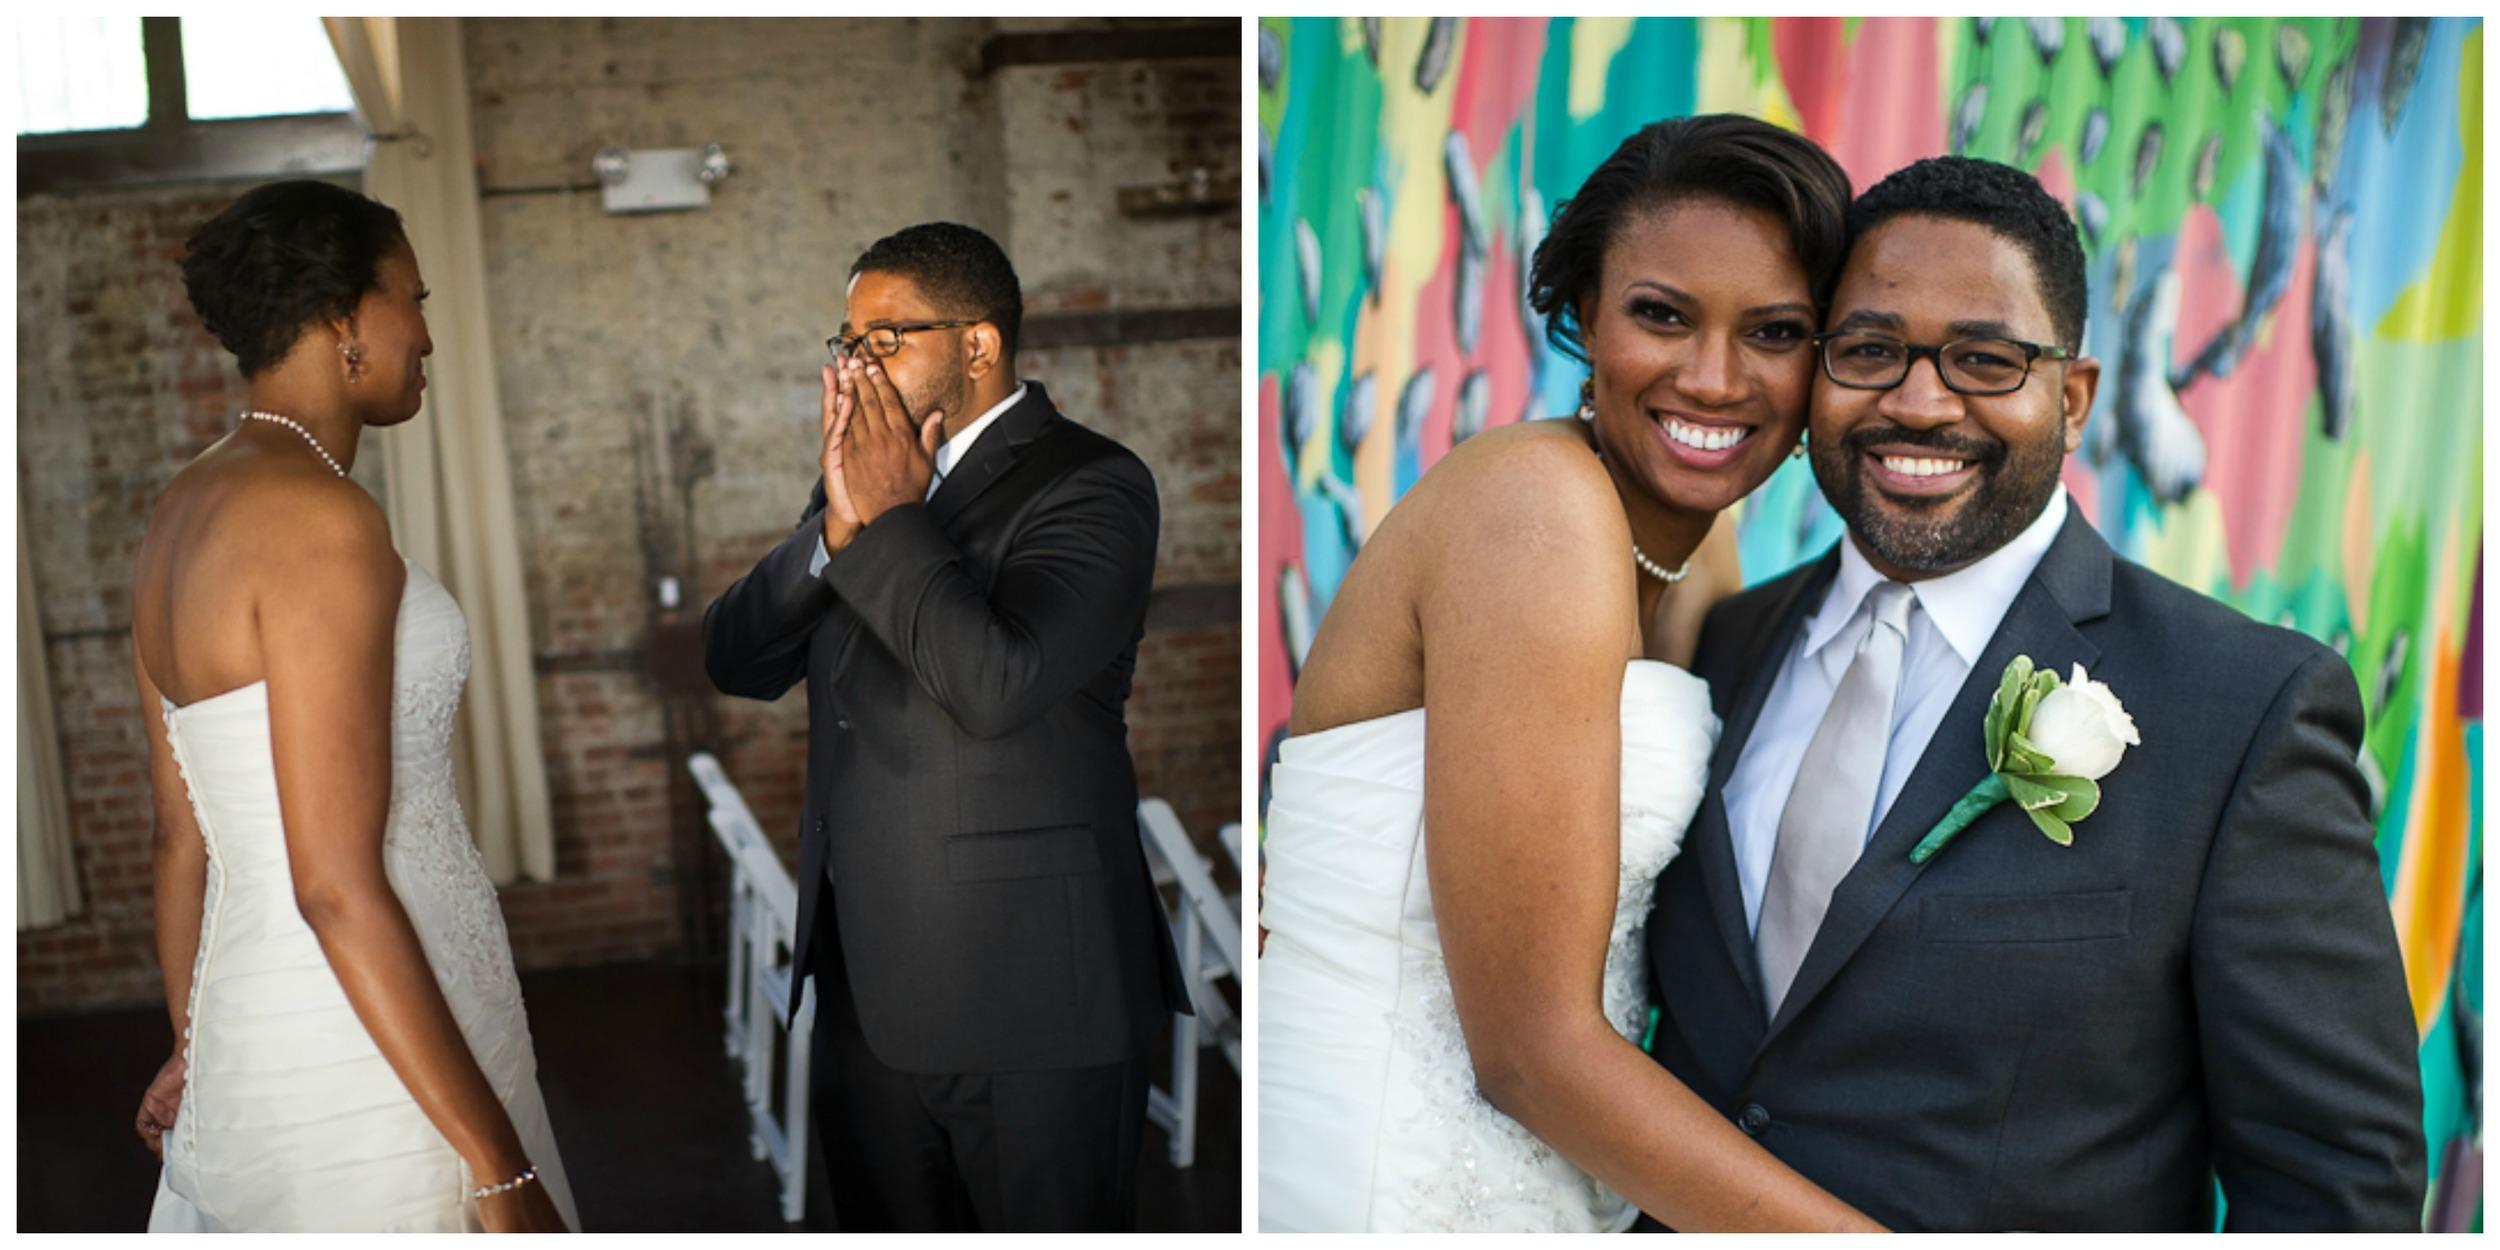 Green Buiding Wedding, Makeup for black brides